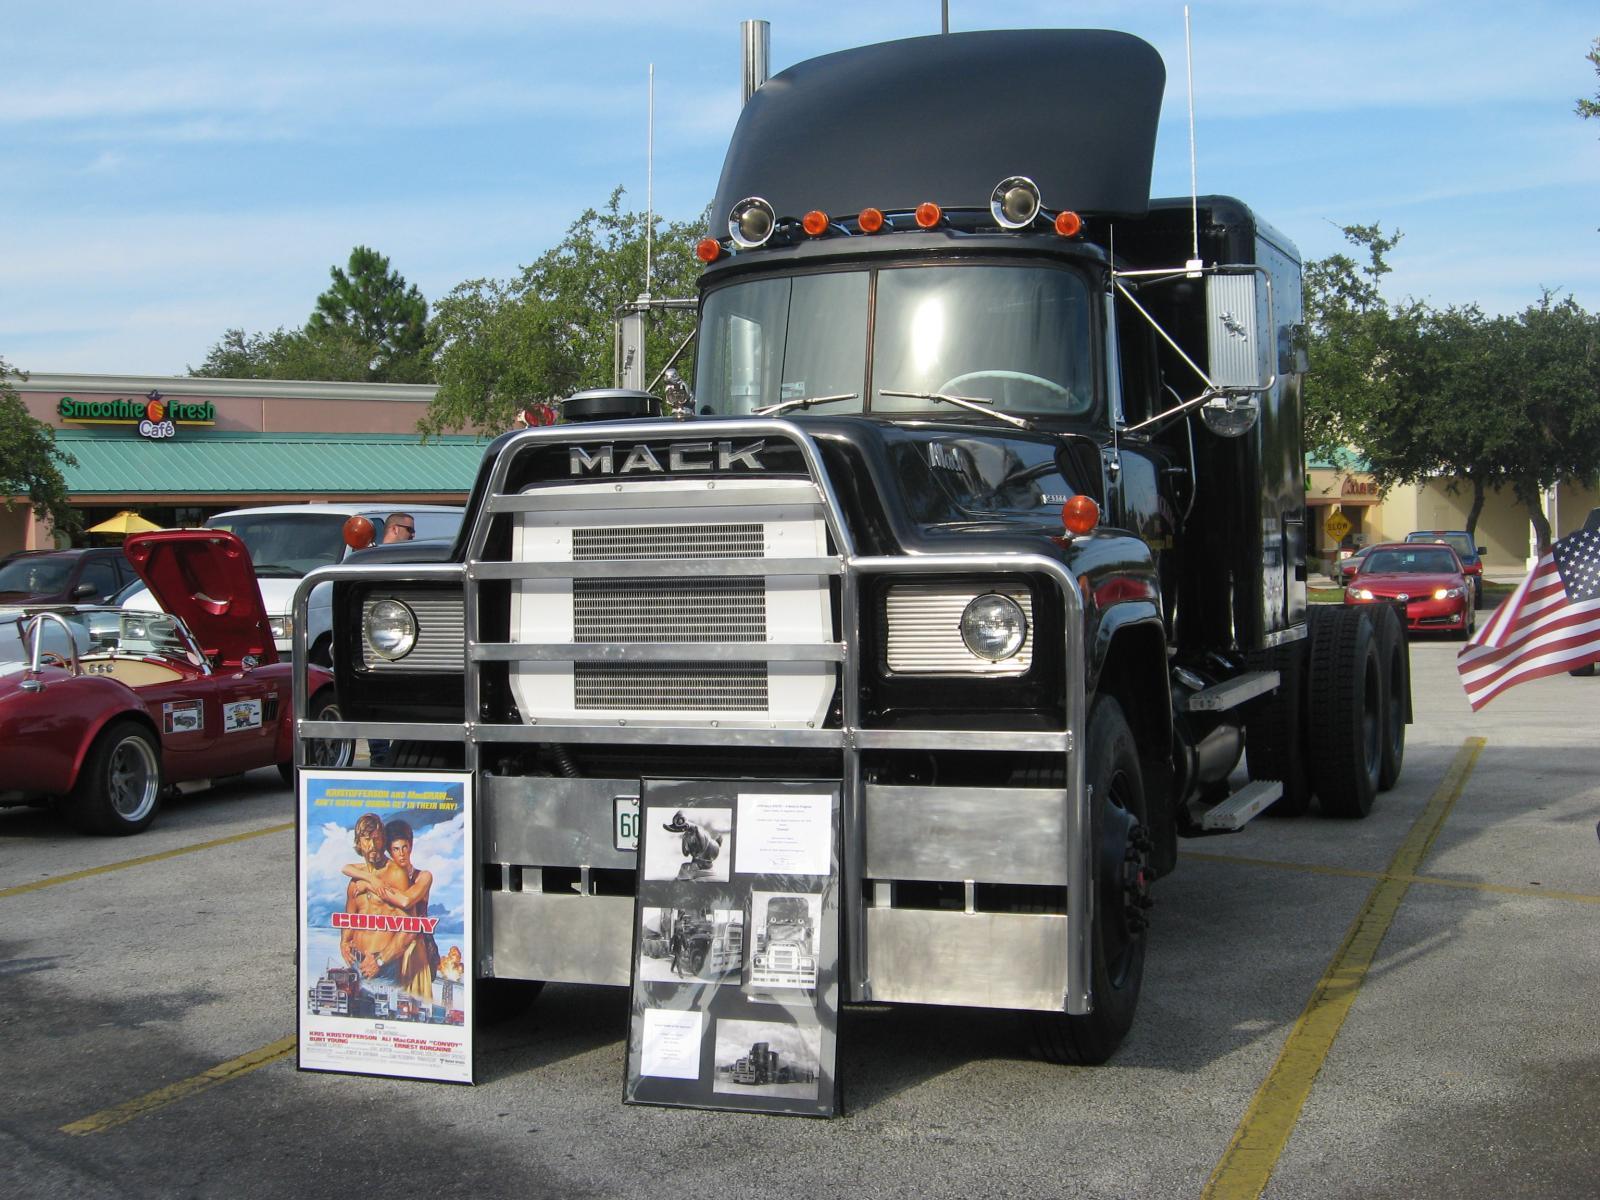 Trucks For Sale: Rubber Duck Replica Truck For Sale